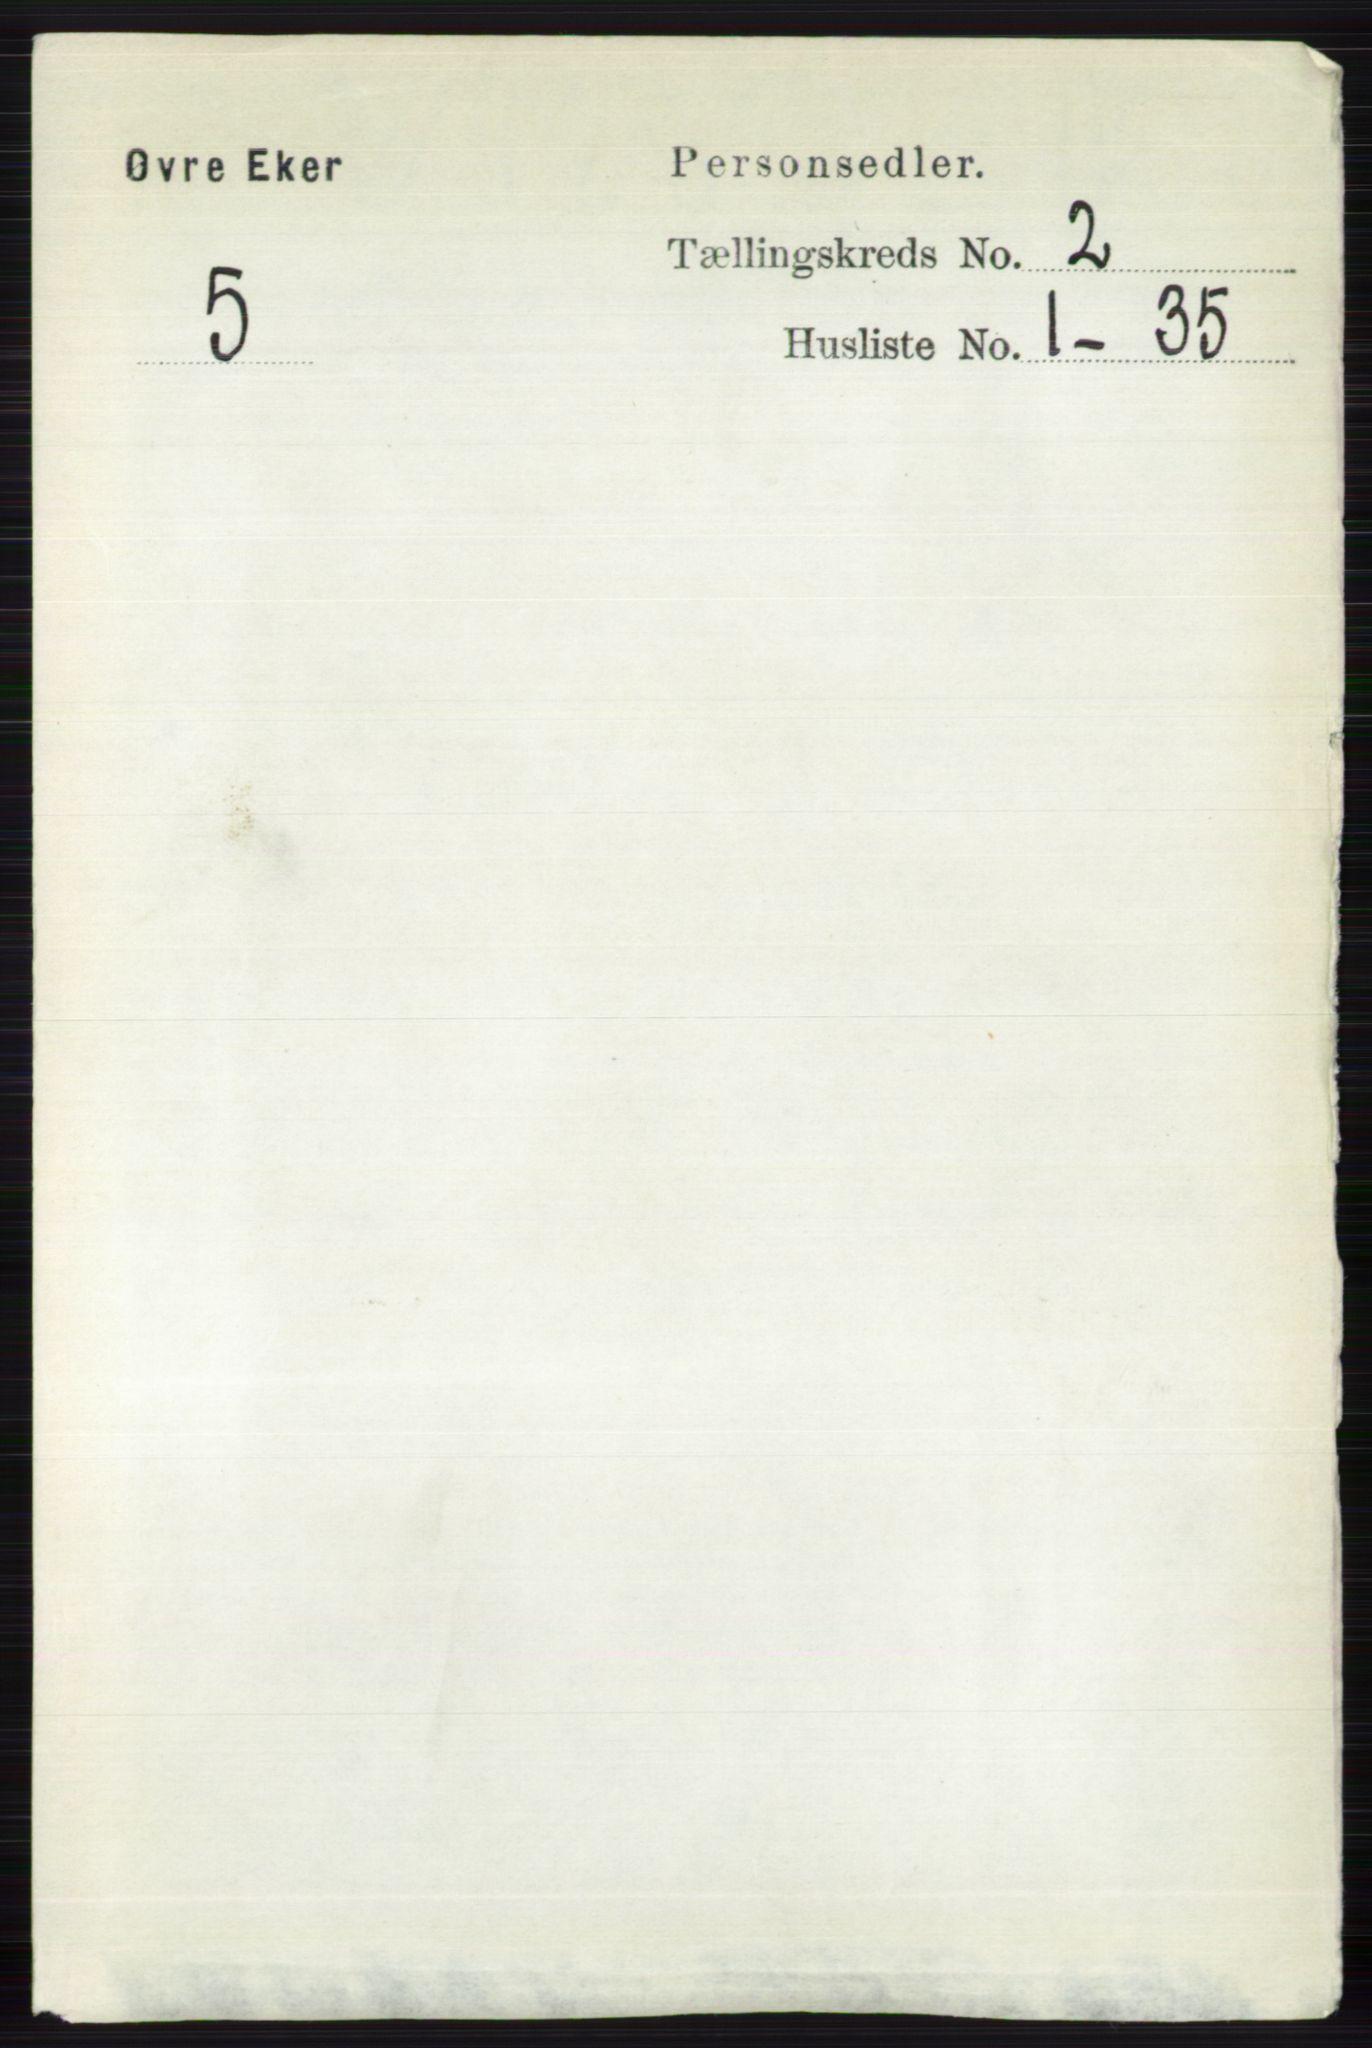 RA, Folketelling 1891 for 0624 Øvre Eiker herred, 1891, s. 537